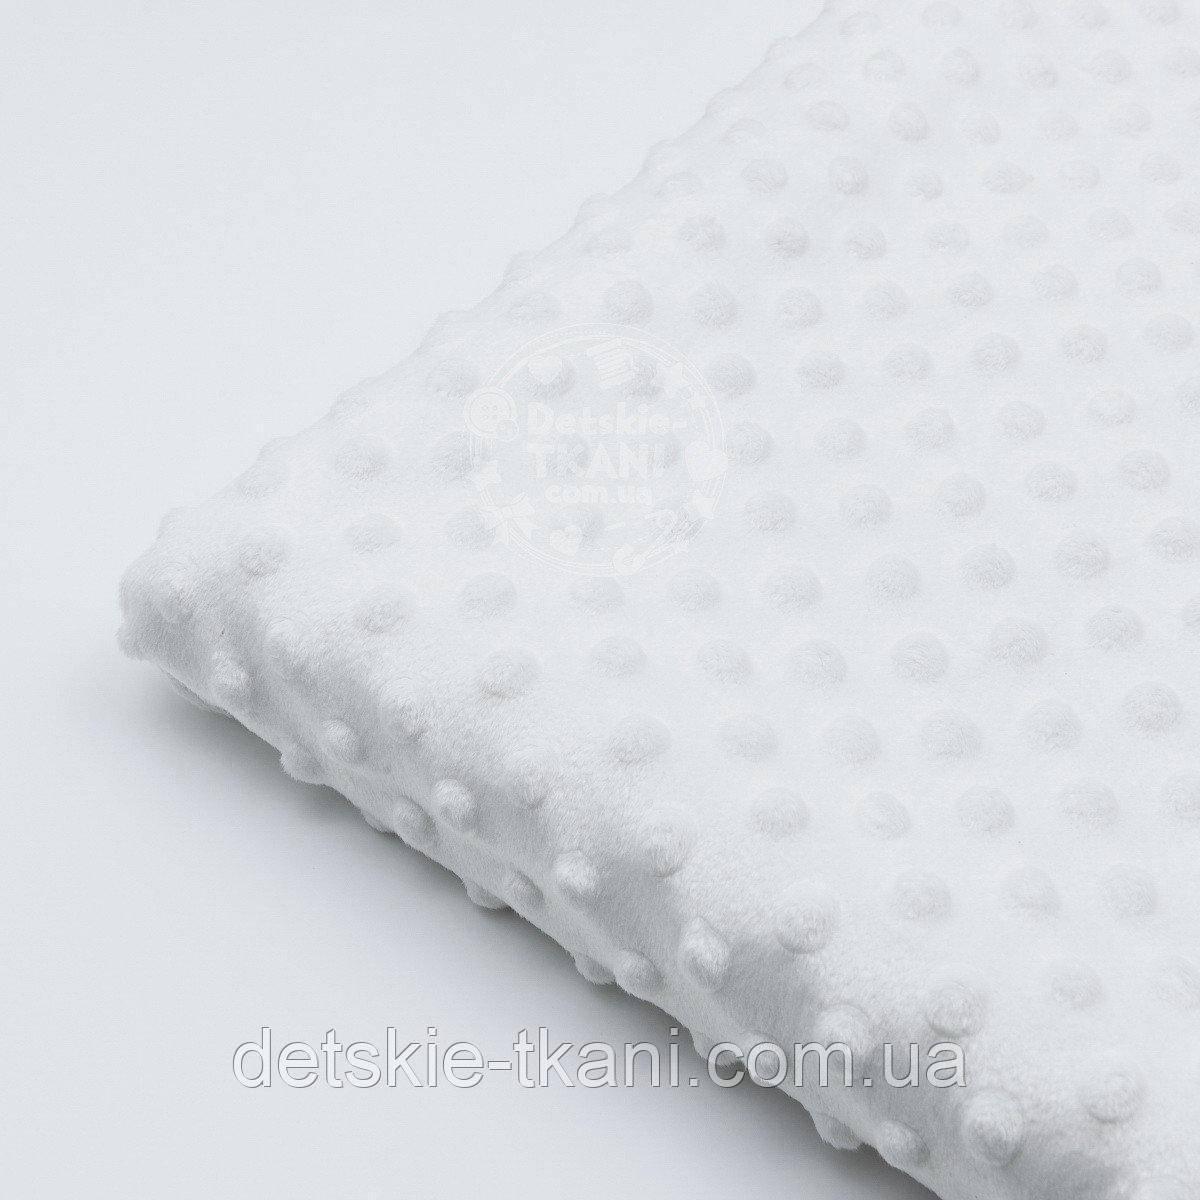 Три лоскута М-10плюша минки белого цвета, размер 30*50 (2шт.), 40*40 см (есть загрязнение)